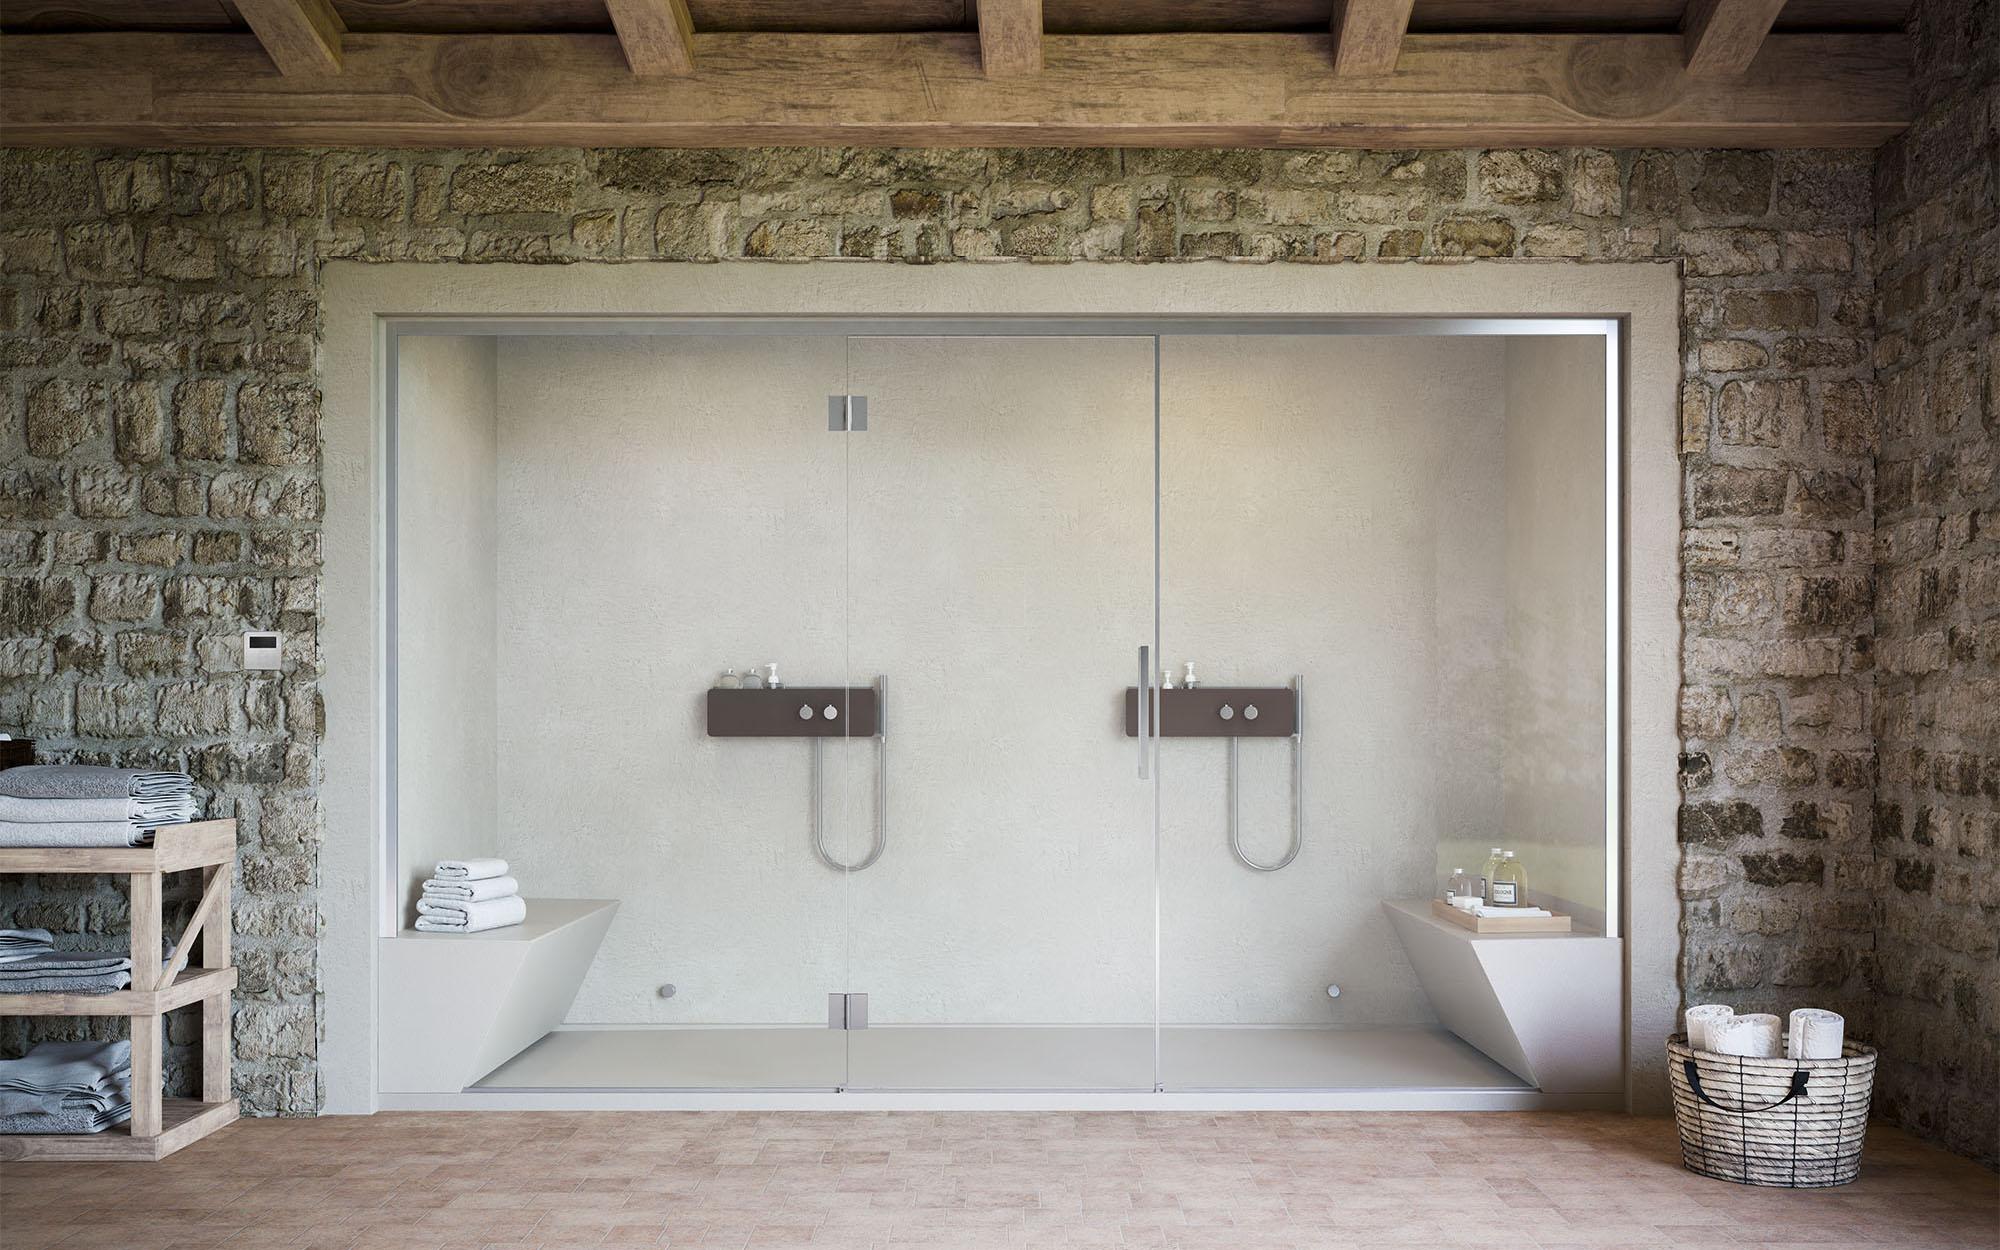 Vasche Da Bagno Su Misura Prezzi : Glass soluzioni bagno su misura con qualità e design made in